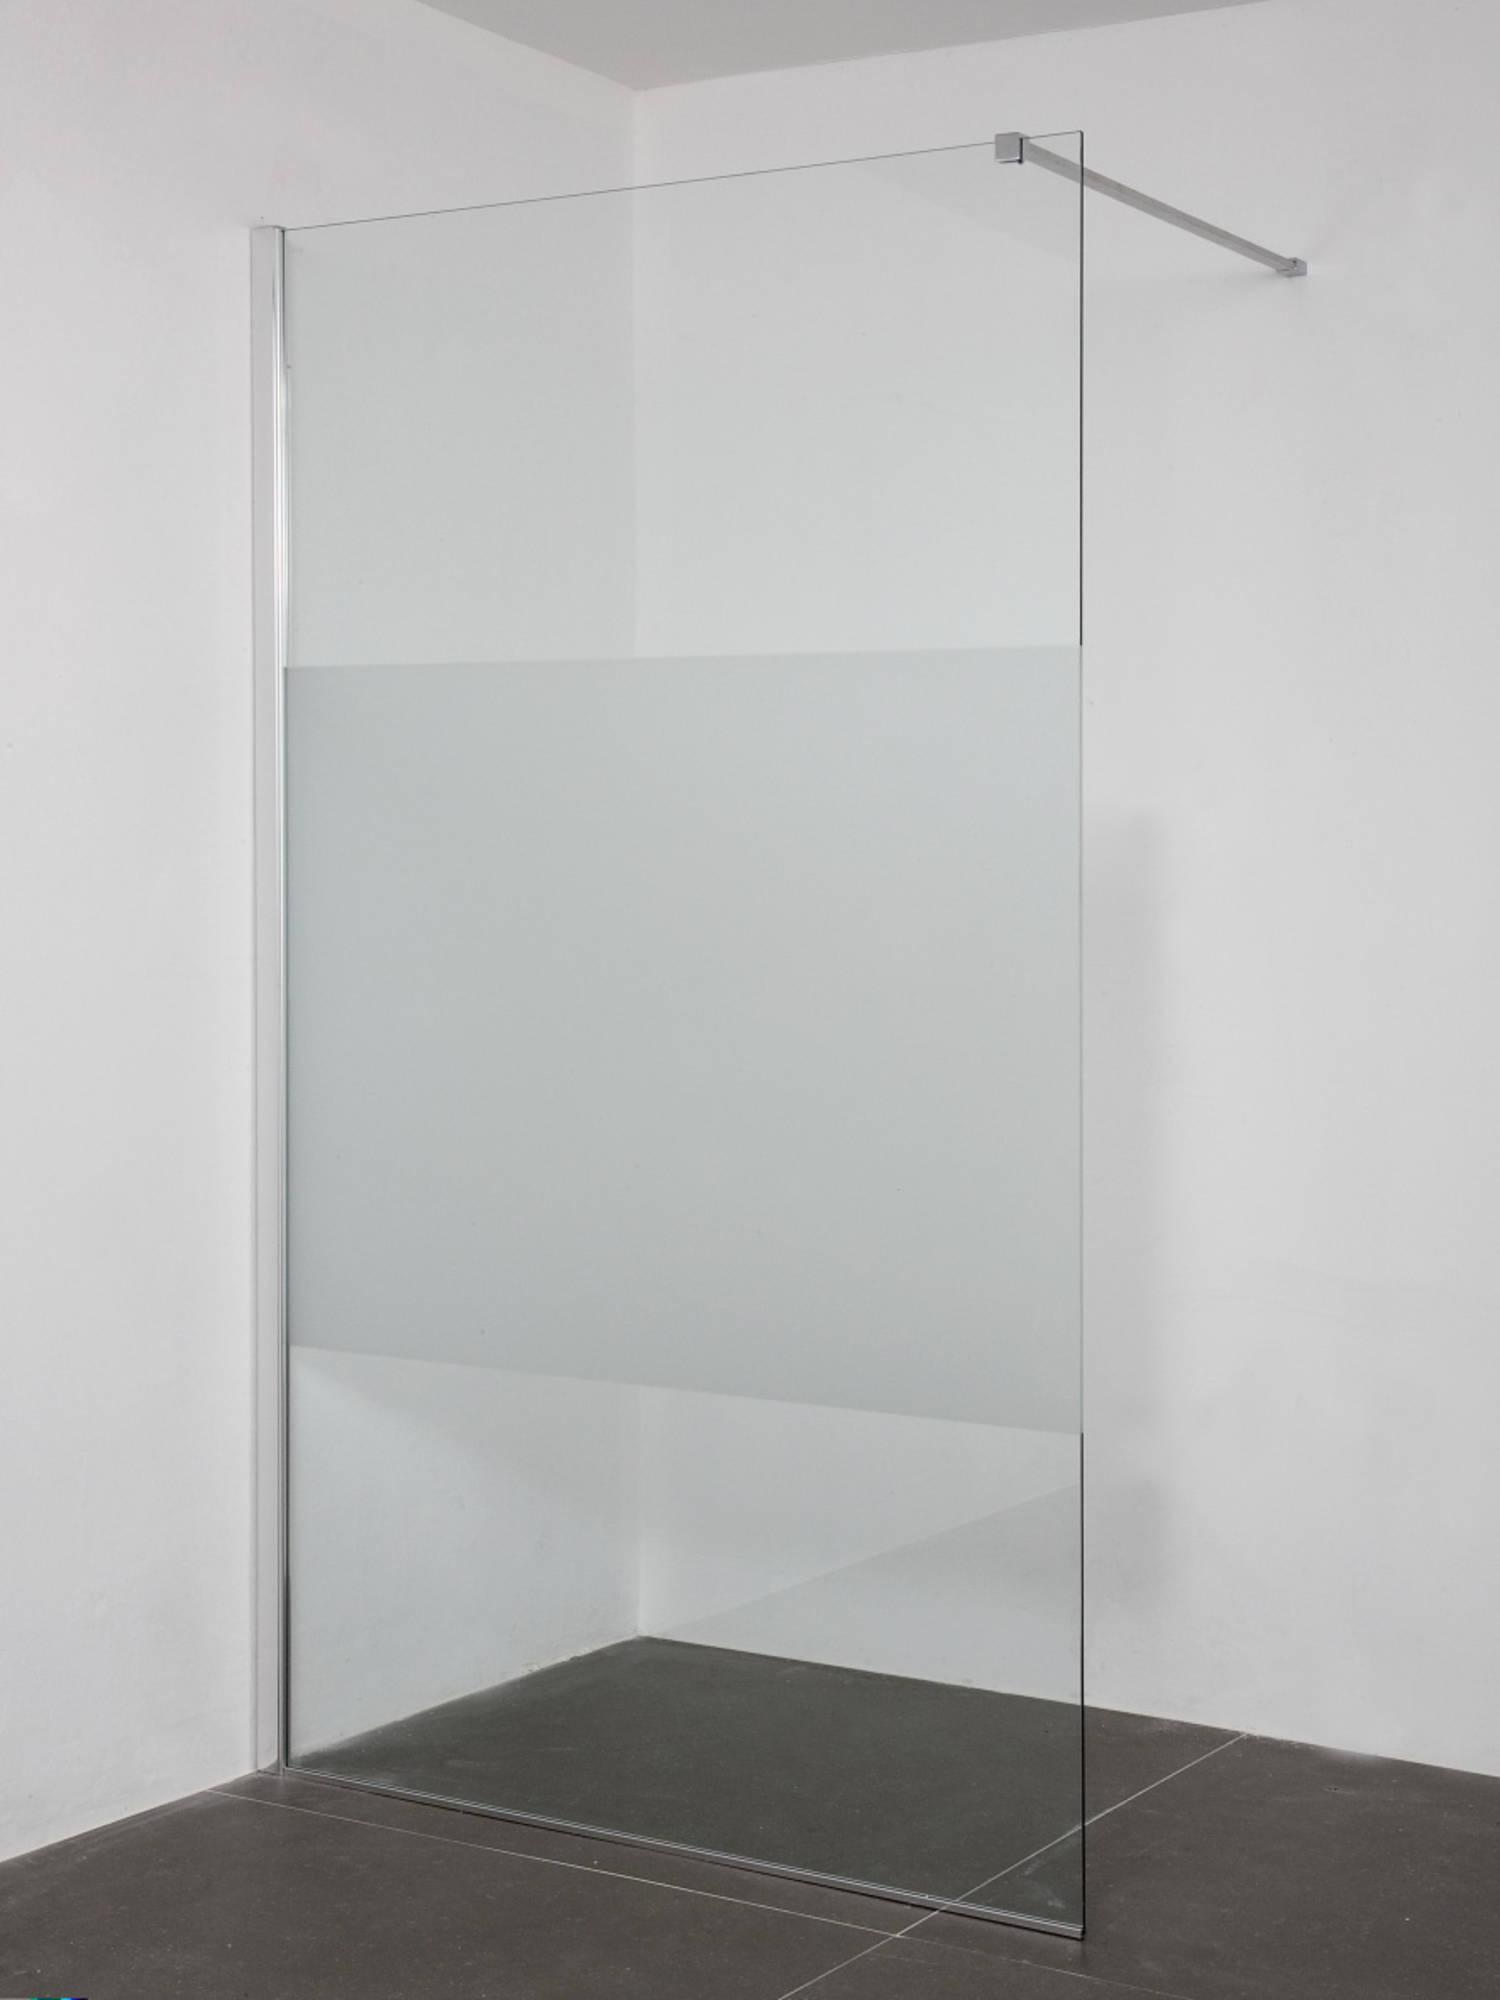 Saniselect Zissa Inloopdouche 120x200cm links Aluminium Gepolijst